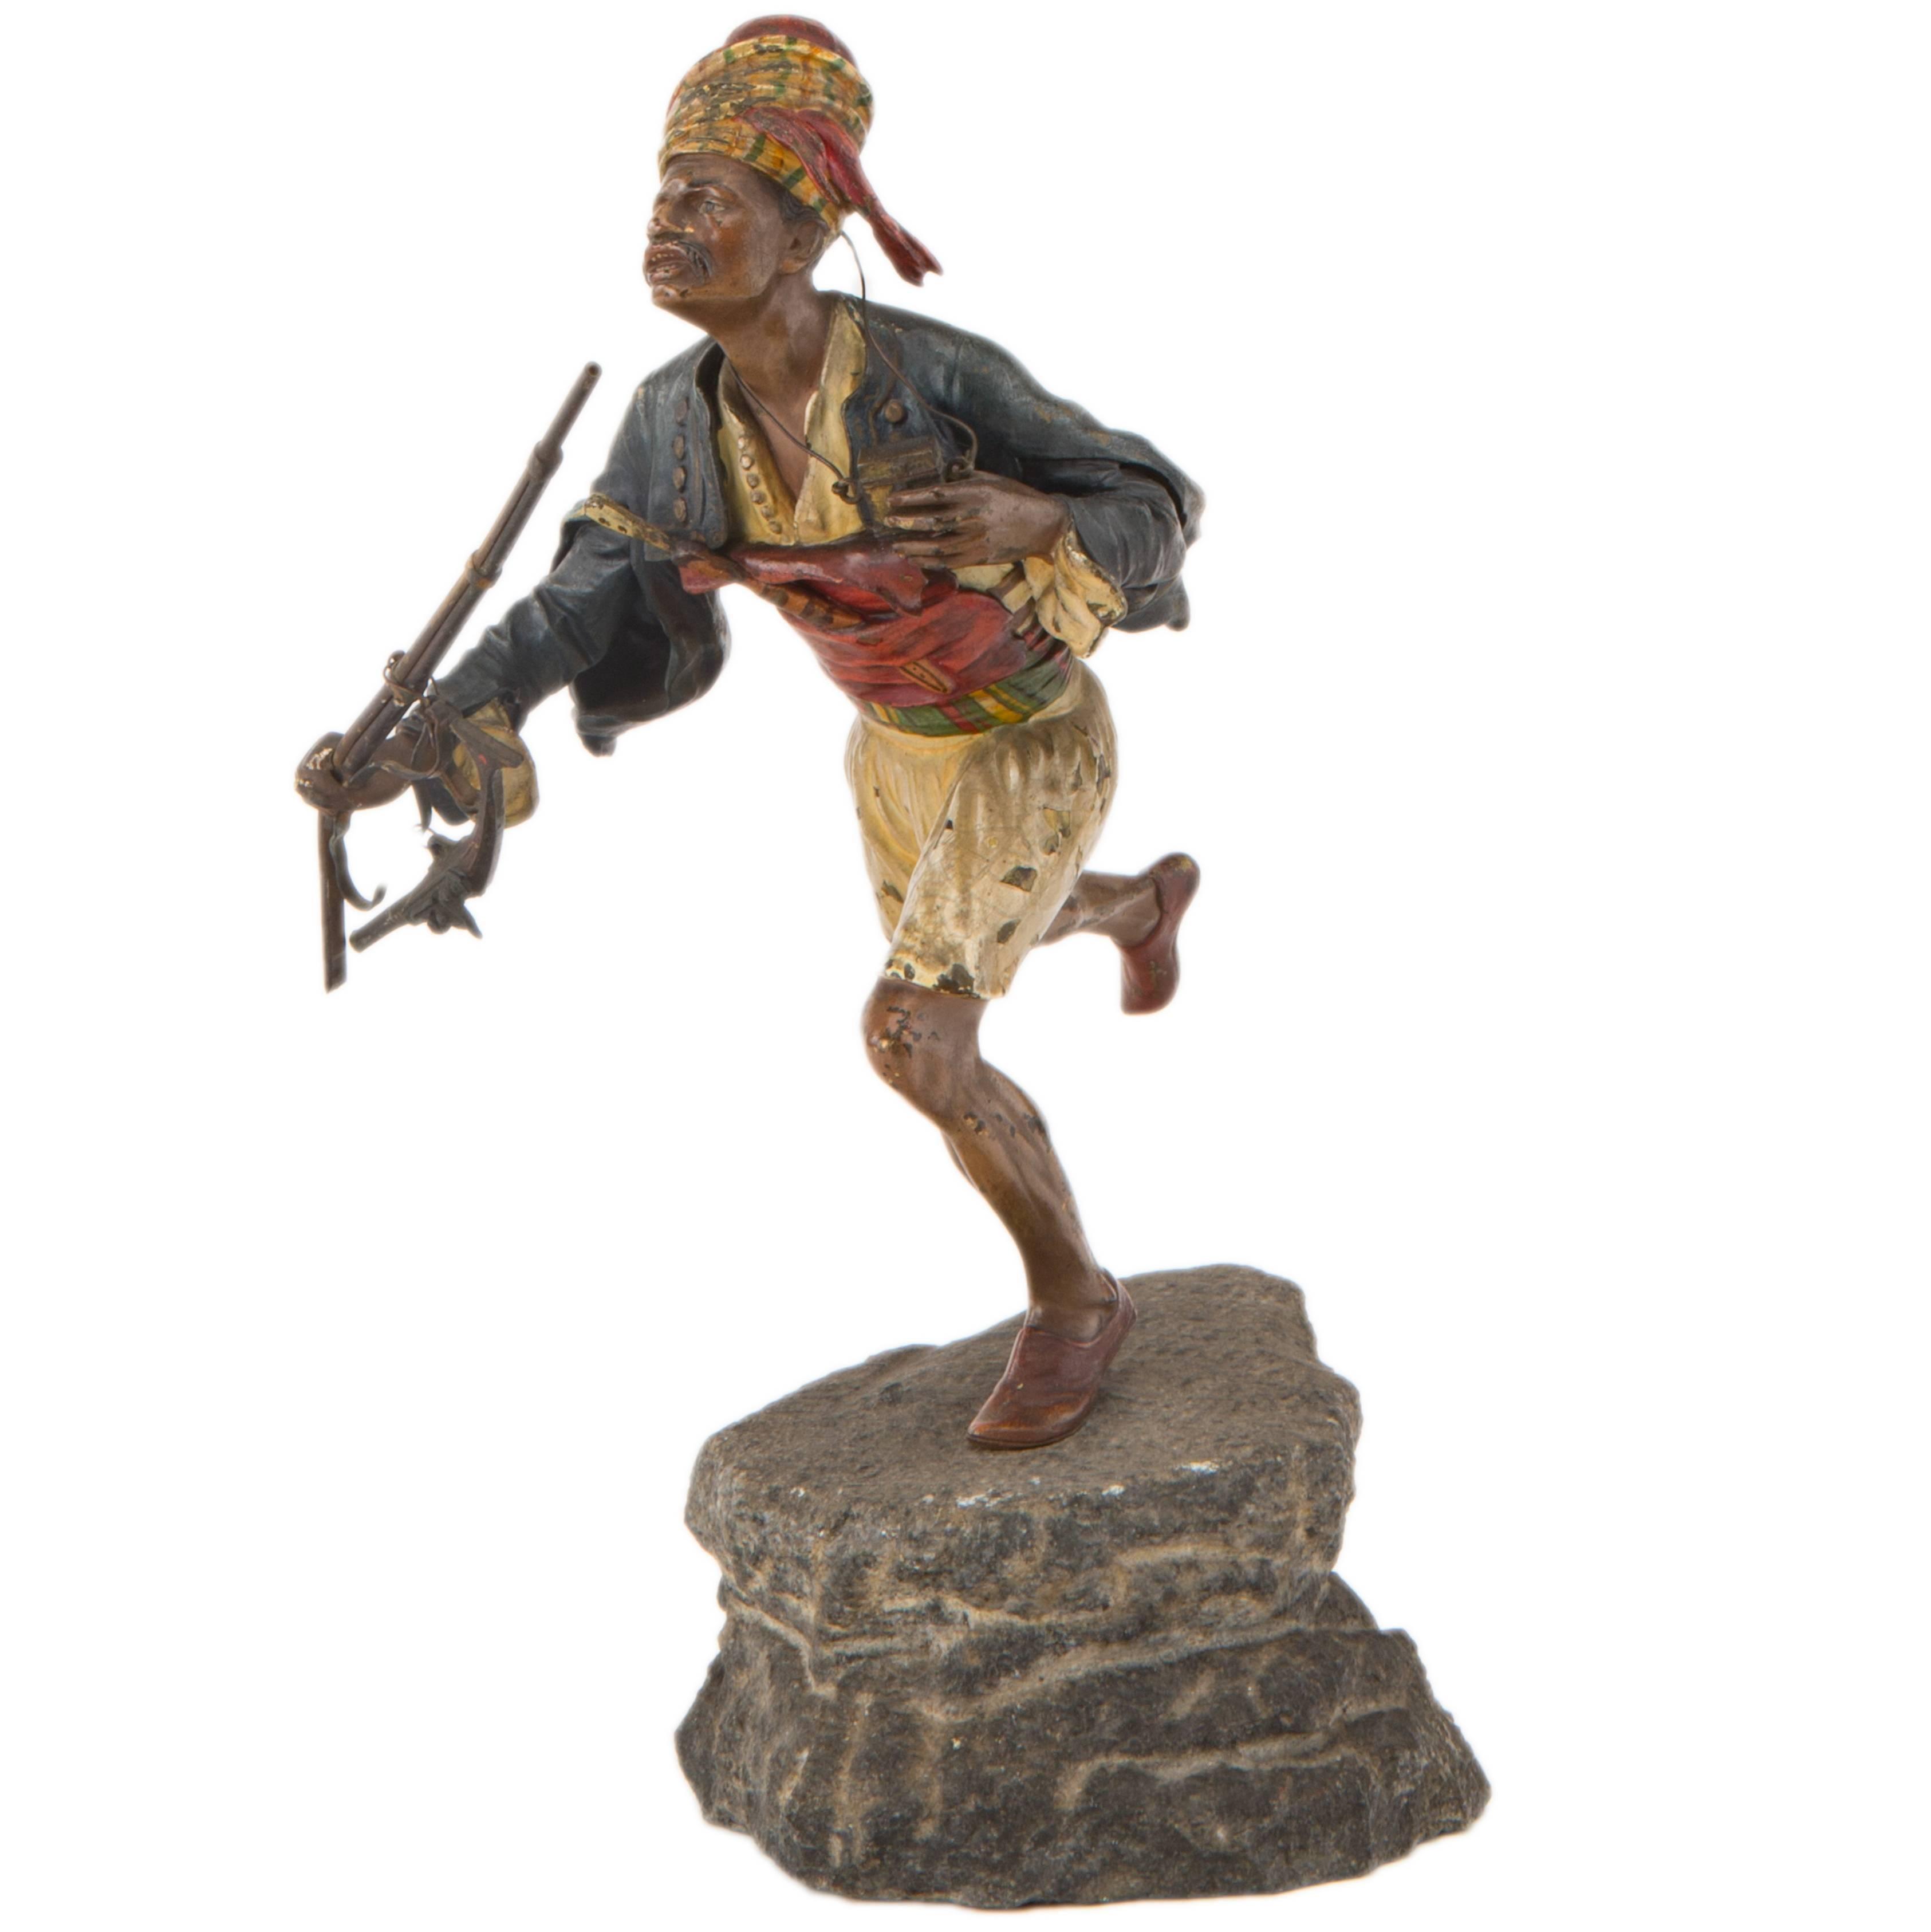 Vienna Bronze Sculpture of a Running Arabian Soldier by Franz Xavier Bergman